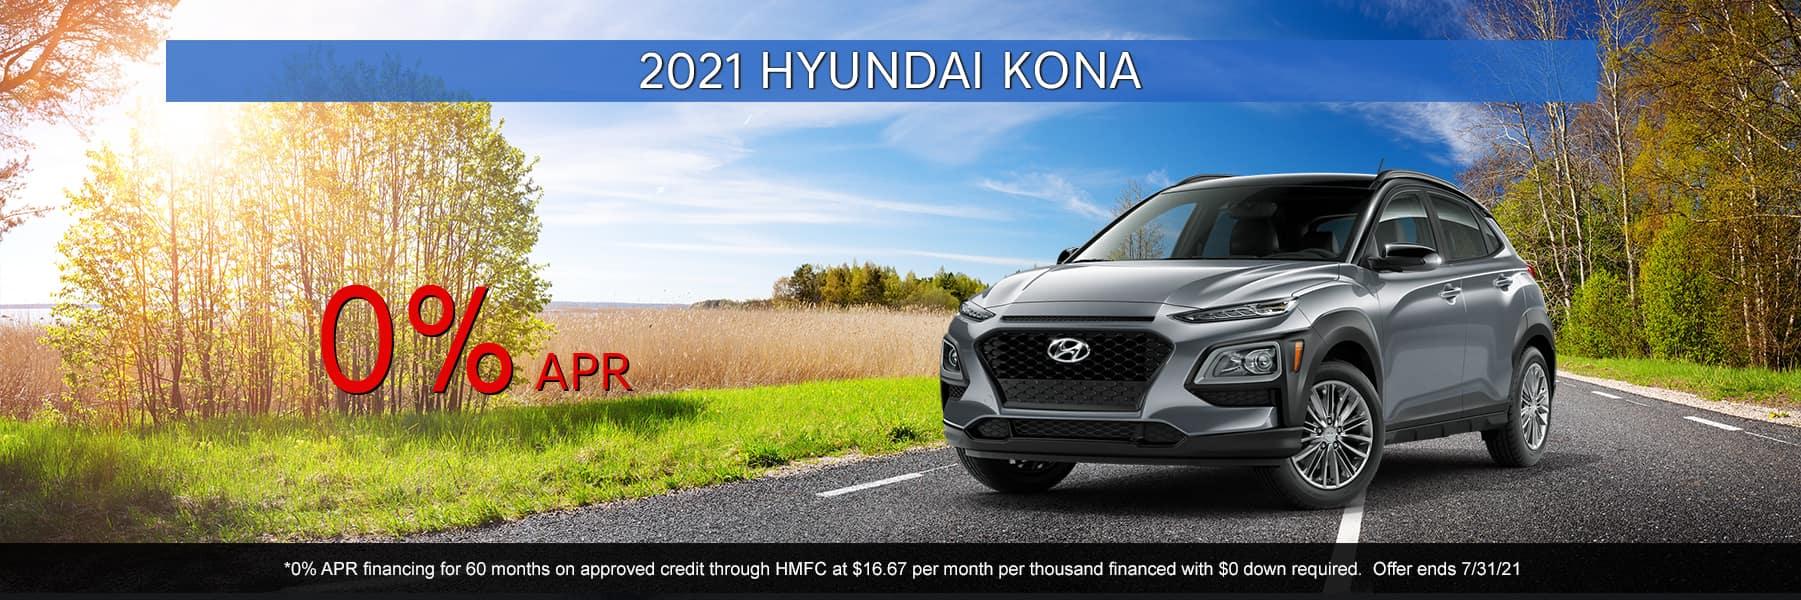 2021-Hyundai-Kona-July21